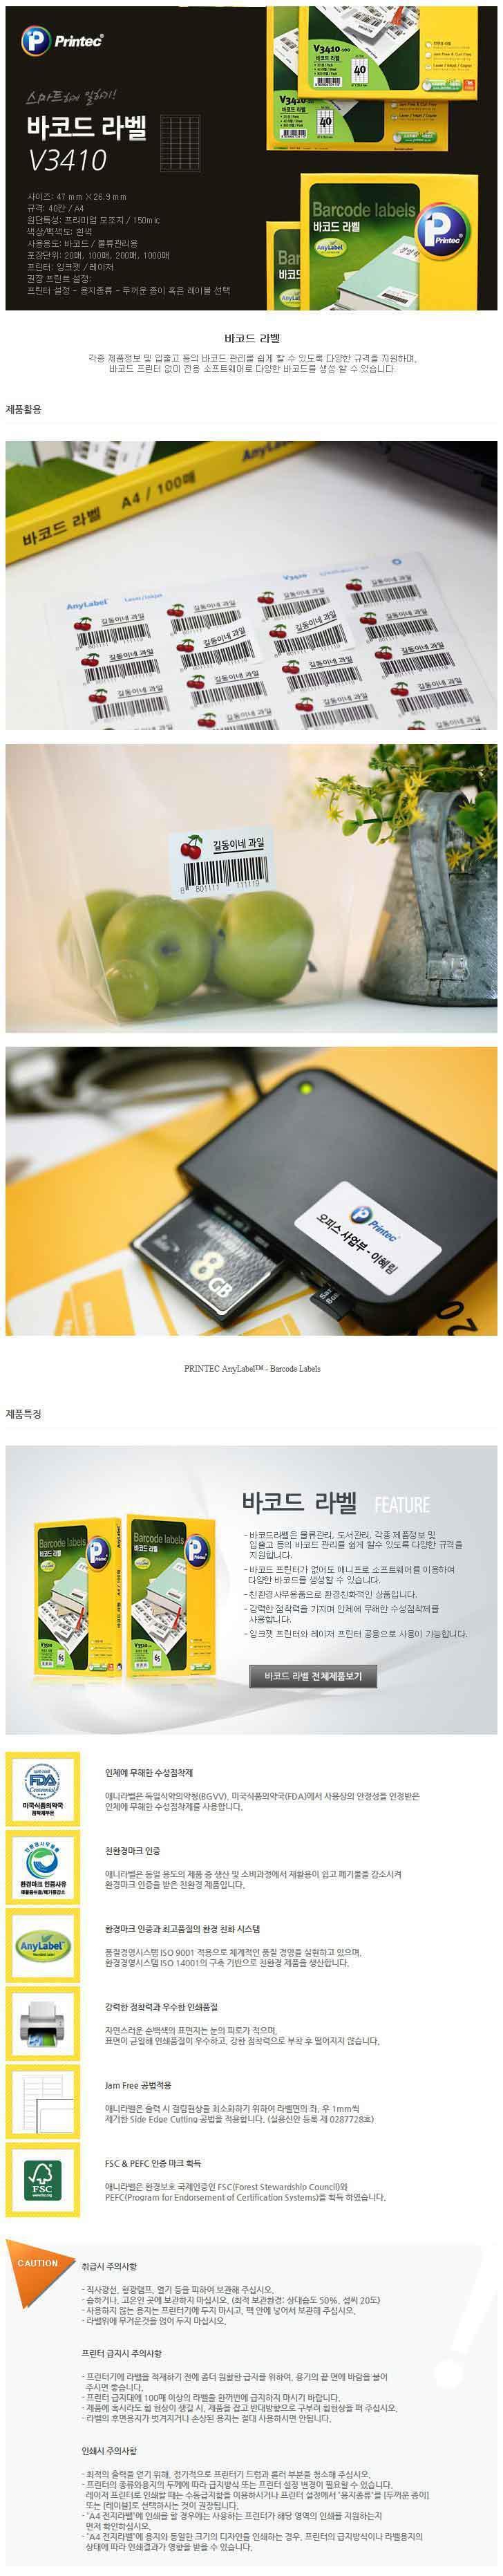 (애니라벨) 바코드라벨 V3410 40칸 20매 라벨지 흰색라벨지 바코드라벨지 물류관리라벨 제품라벨지 다용도라벨지 사무용라벨지 관리라벨